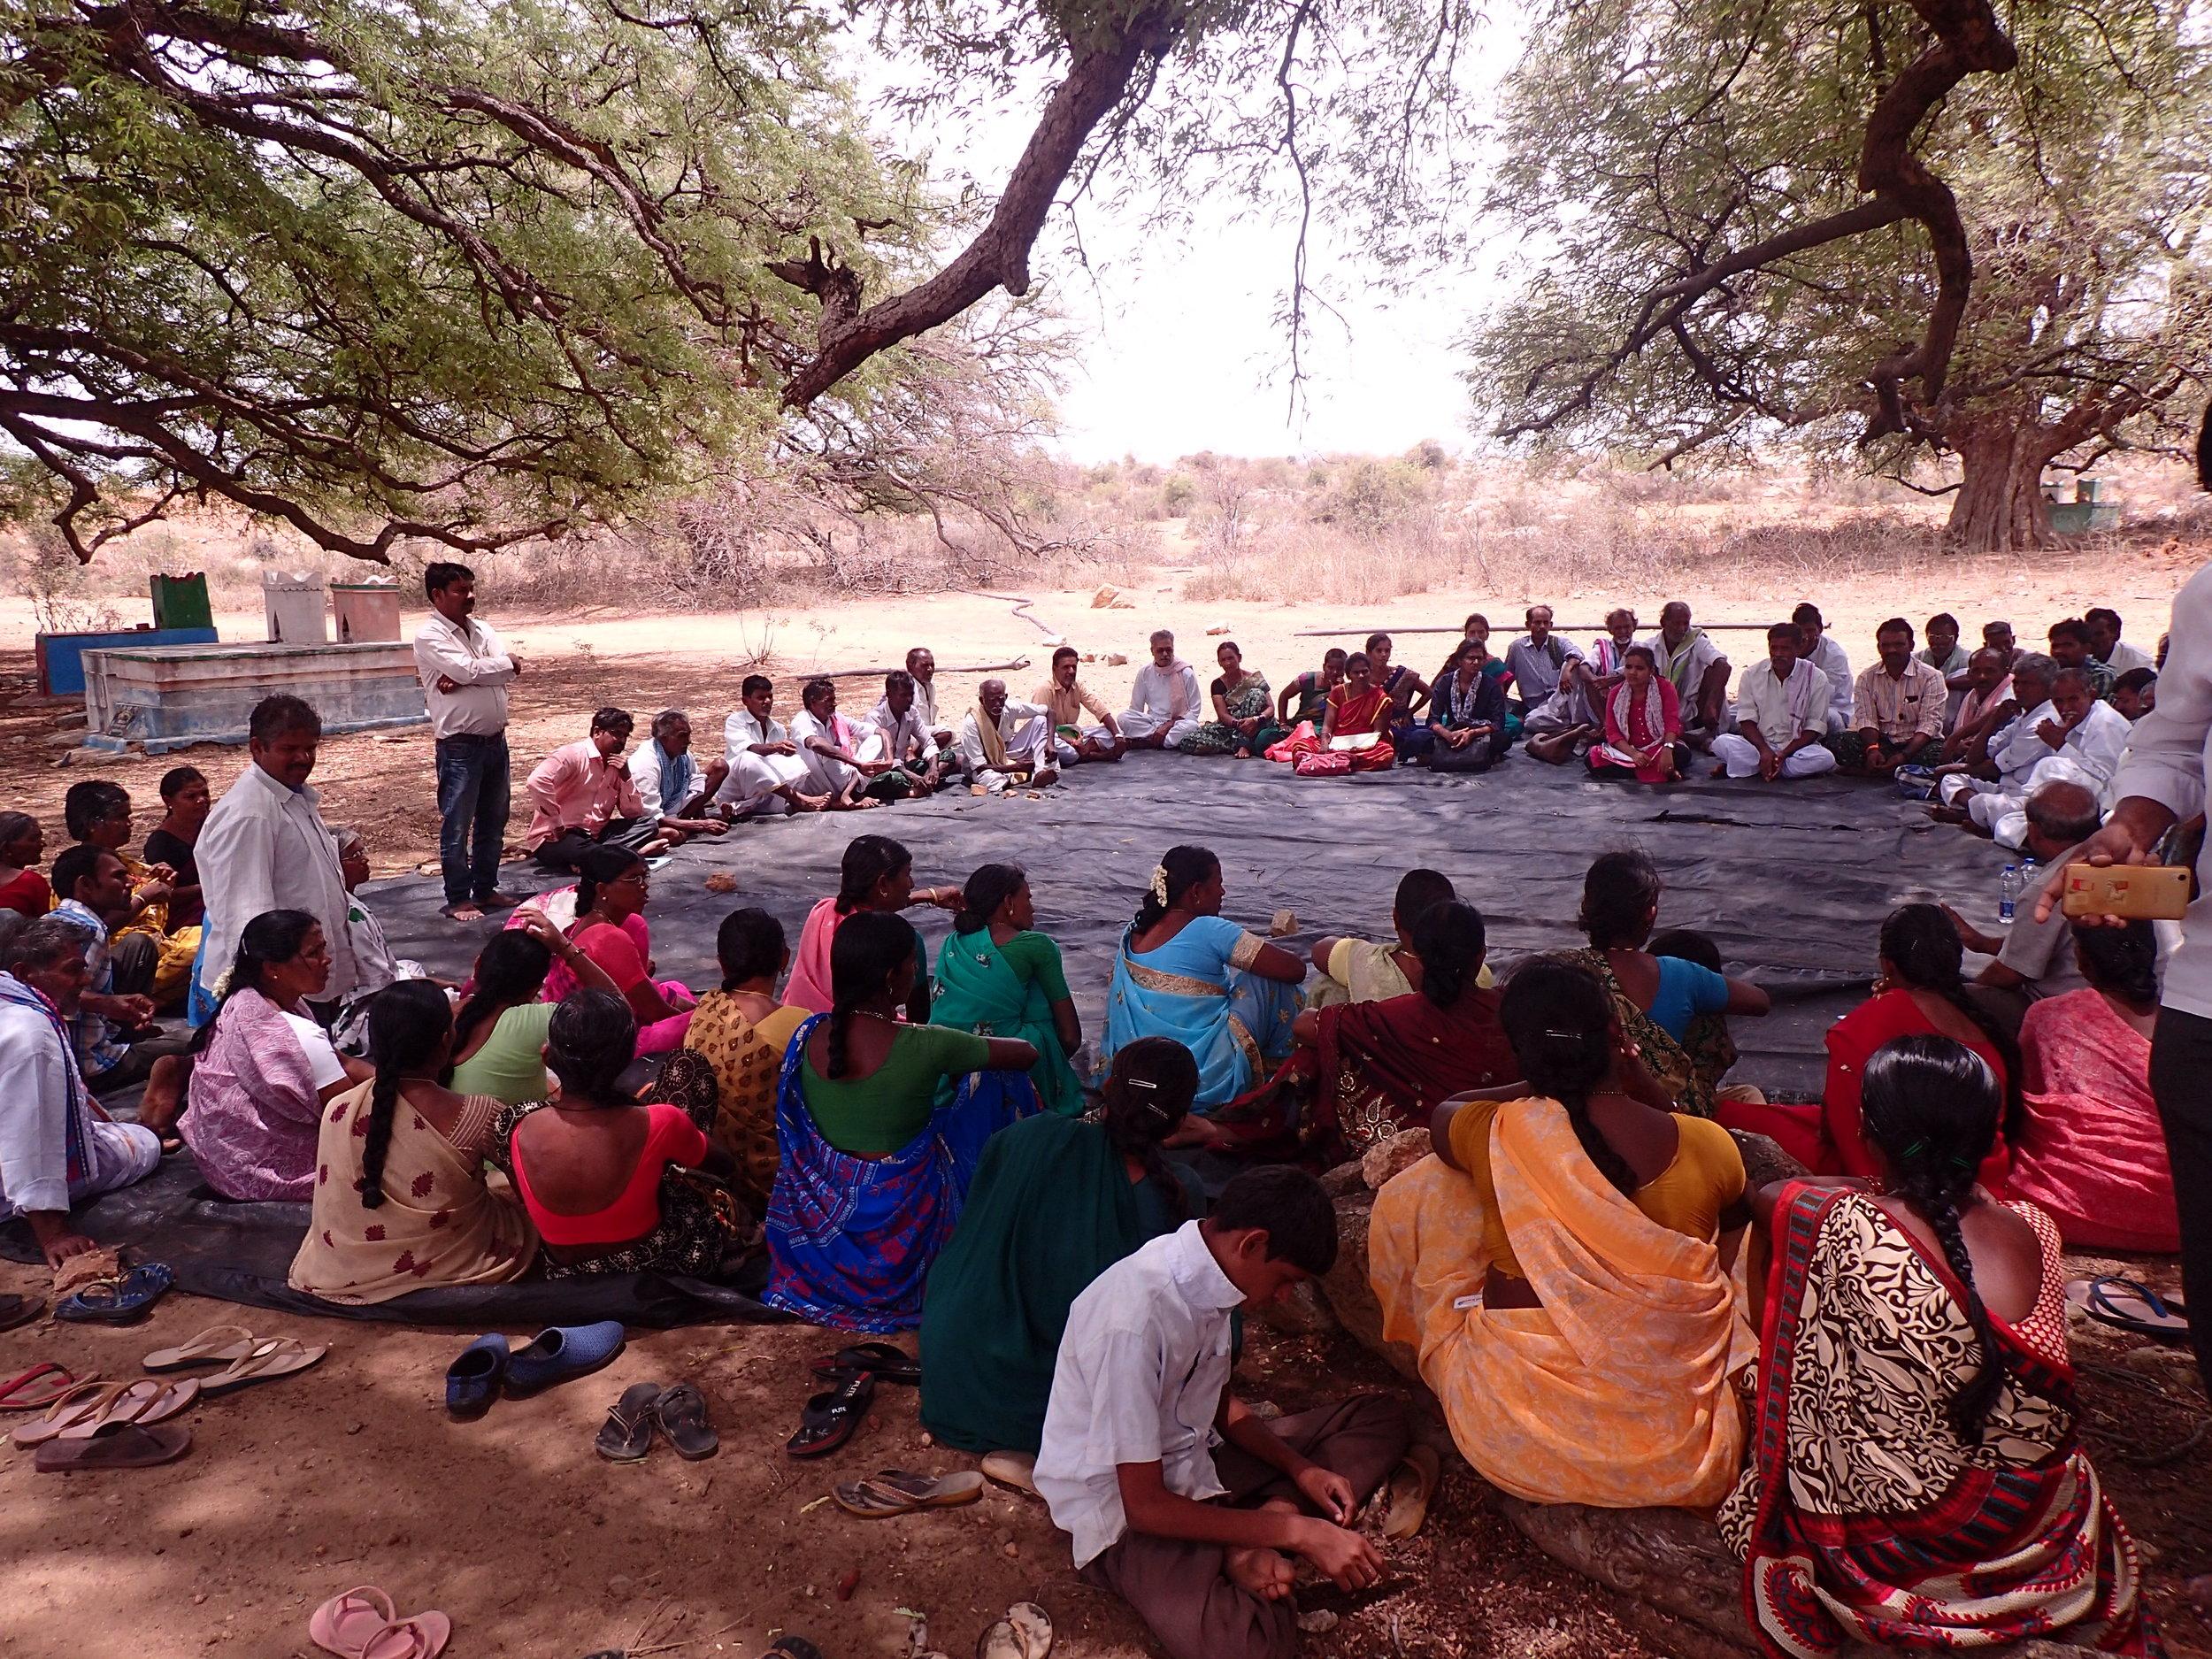 India (Andhra Pradesh) © Marai El fassi